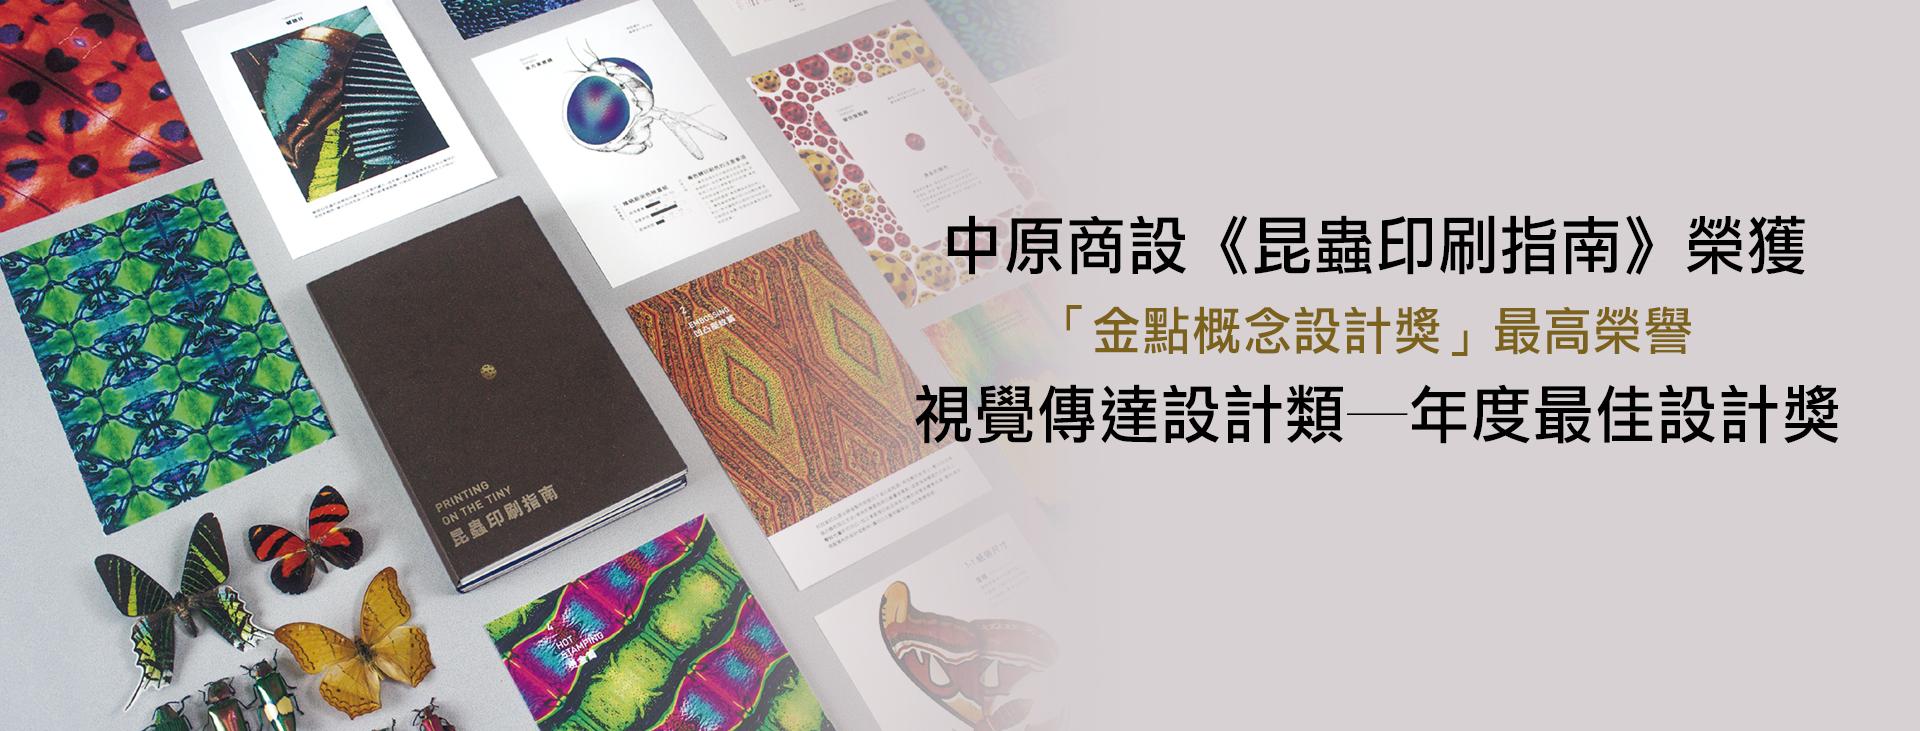 中原大學商設系《昆蟲印刷指南》榮獲「金點概念設計獎」年度最佳設計獎